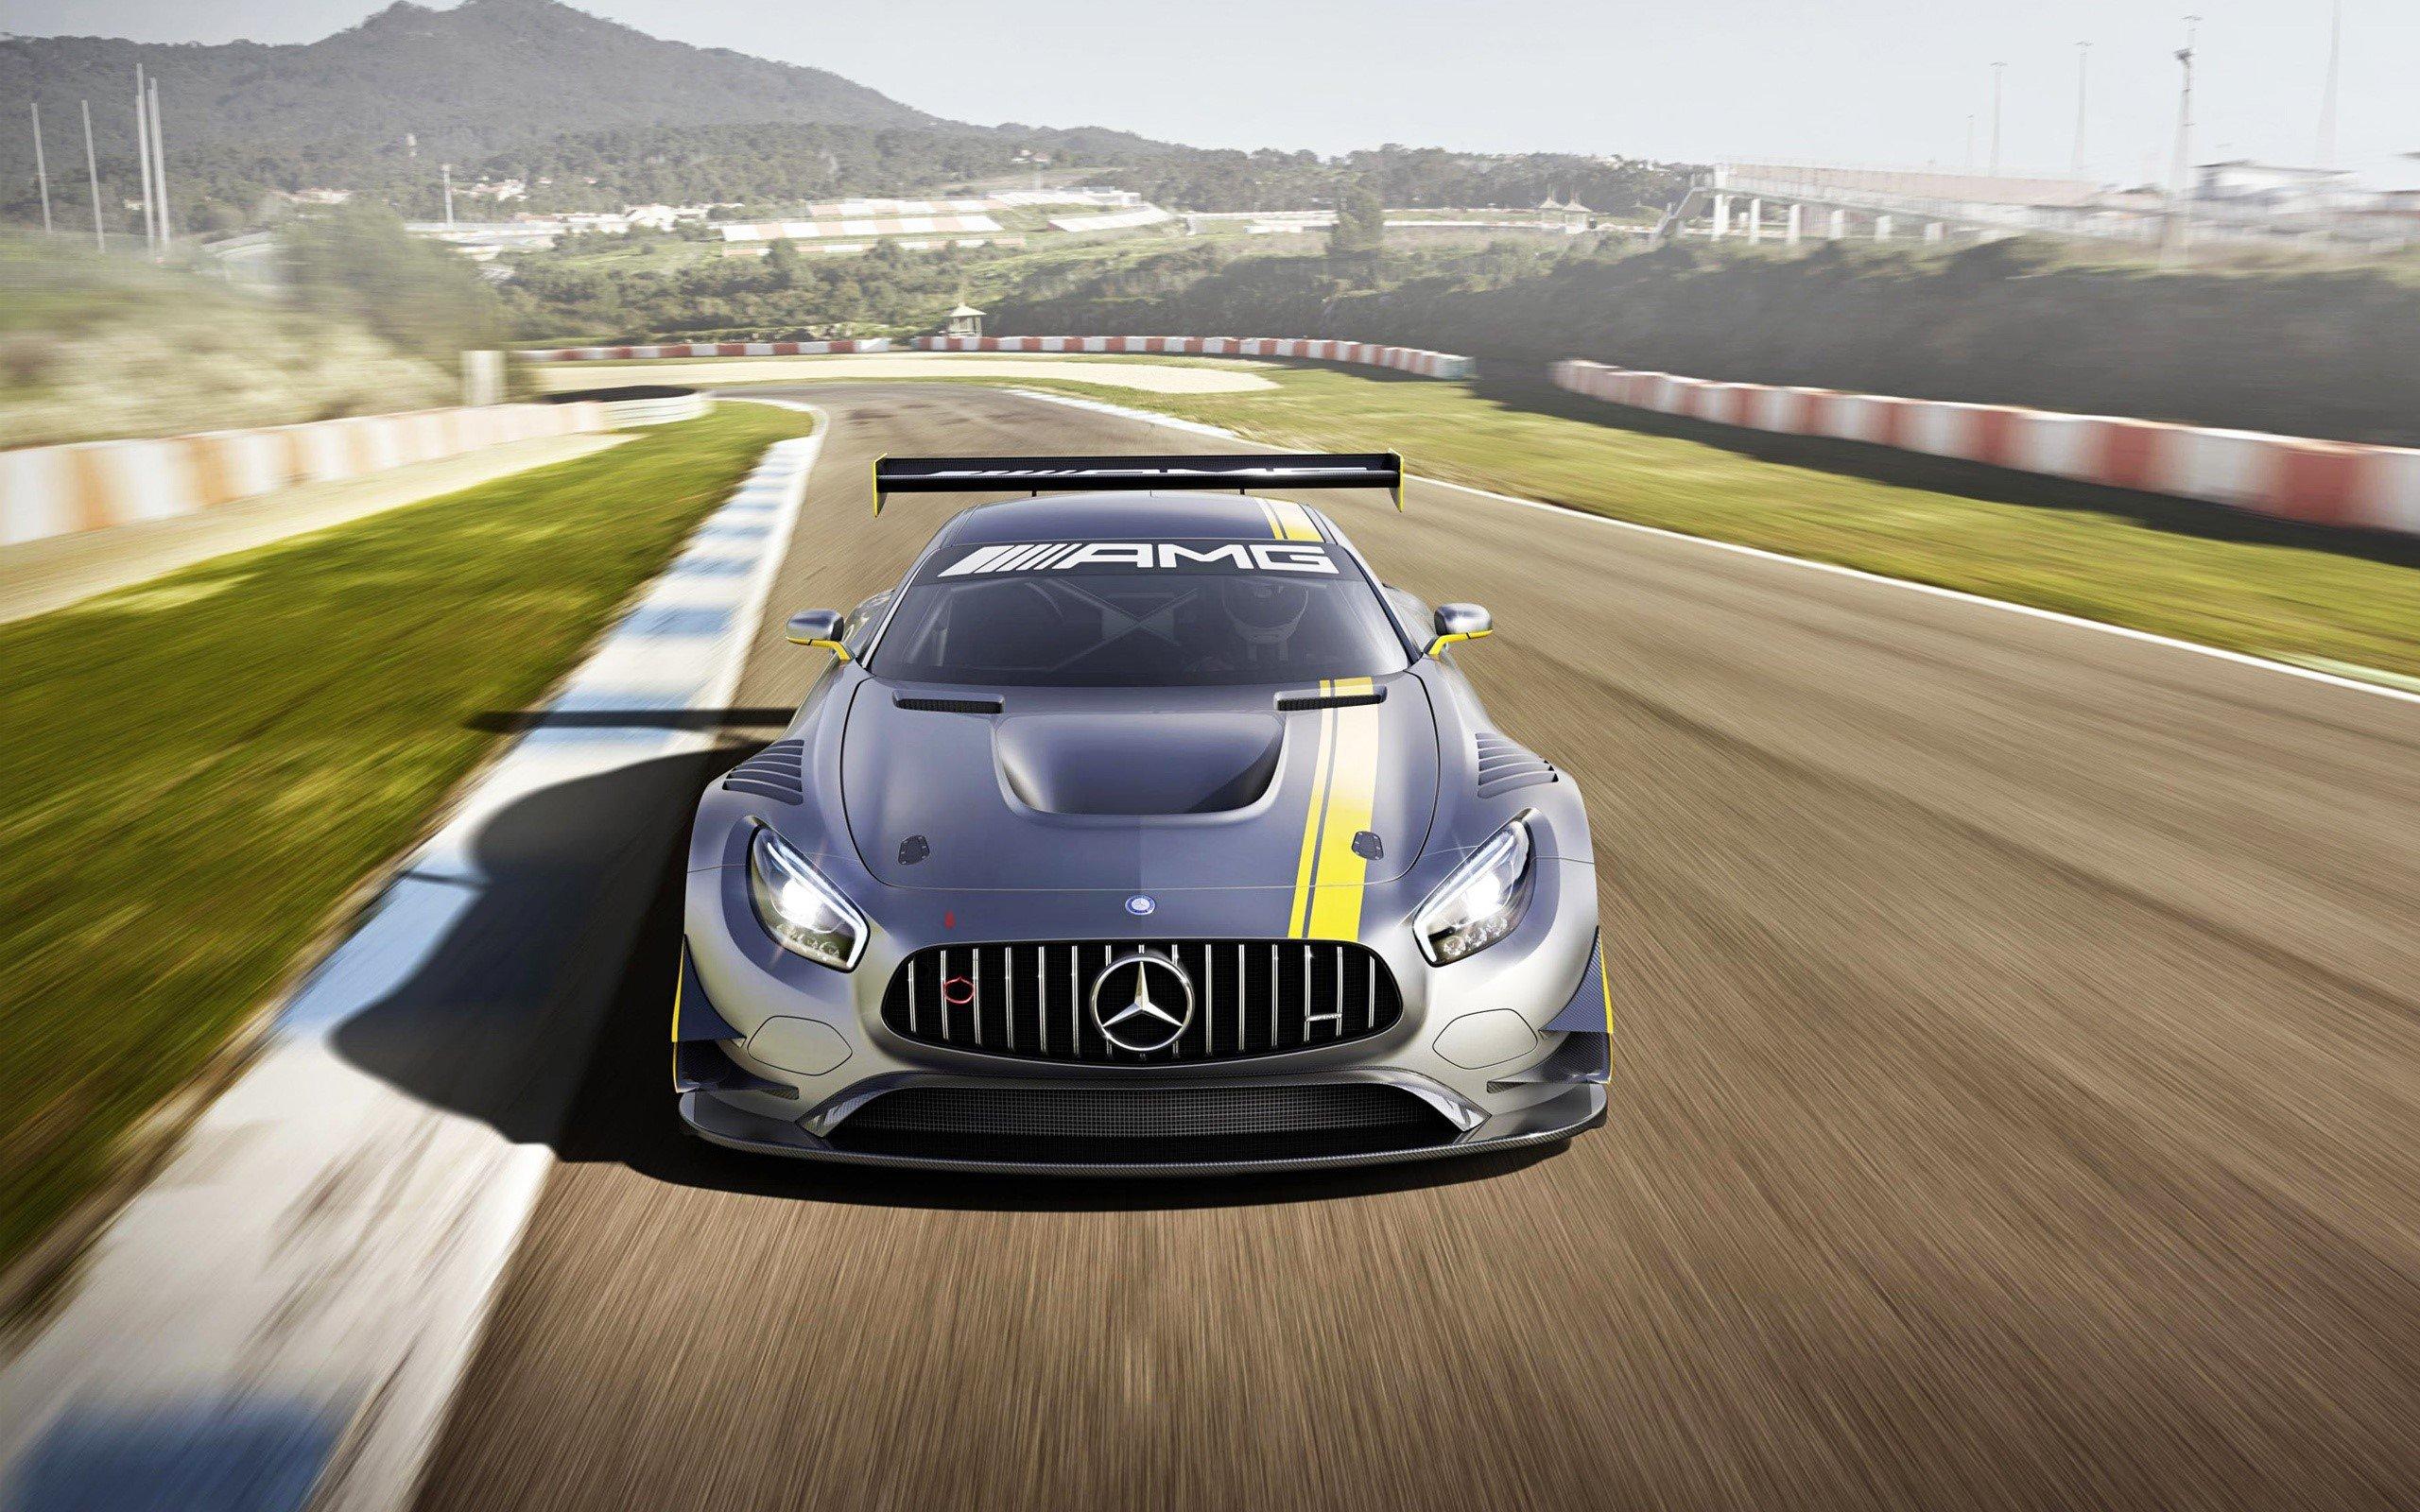 Fondos de pantalla Mercedes Benz AMG GT3